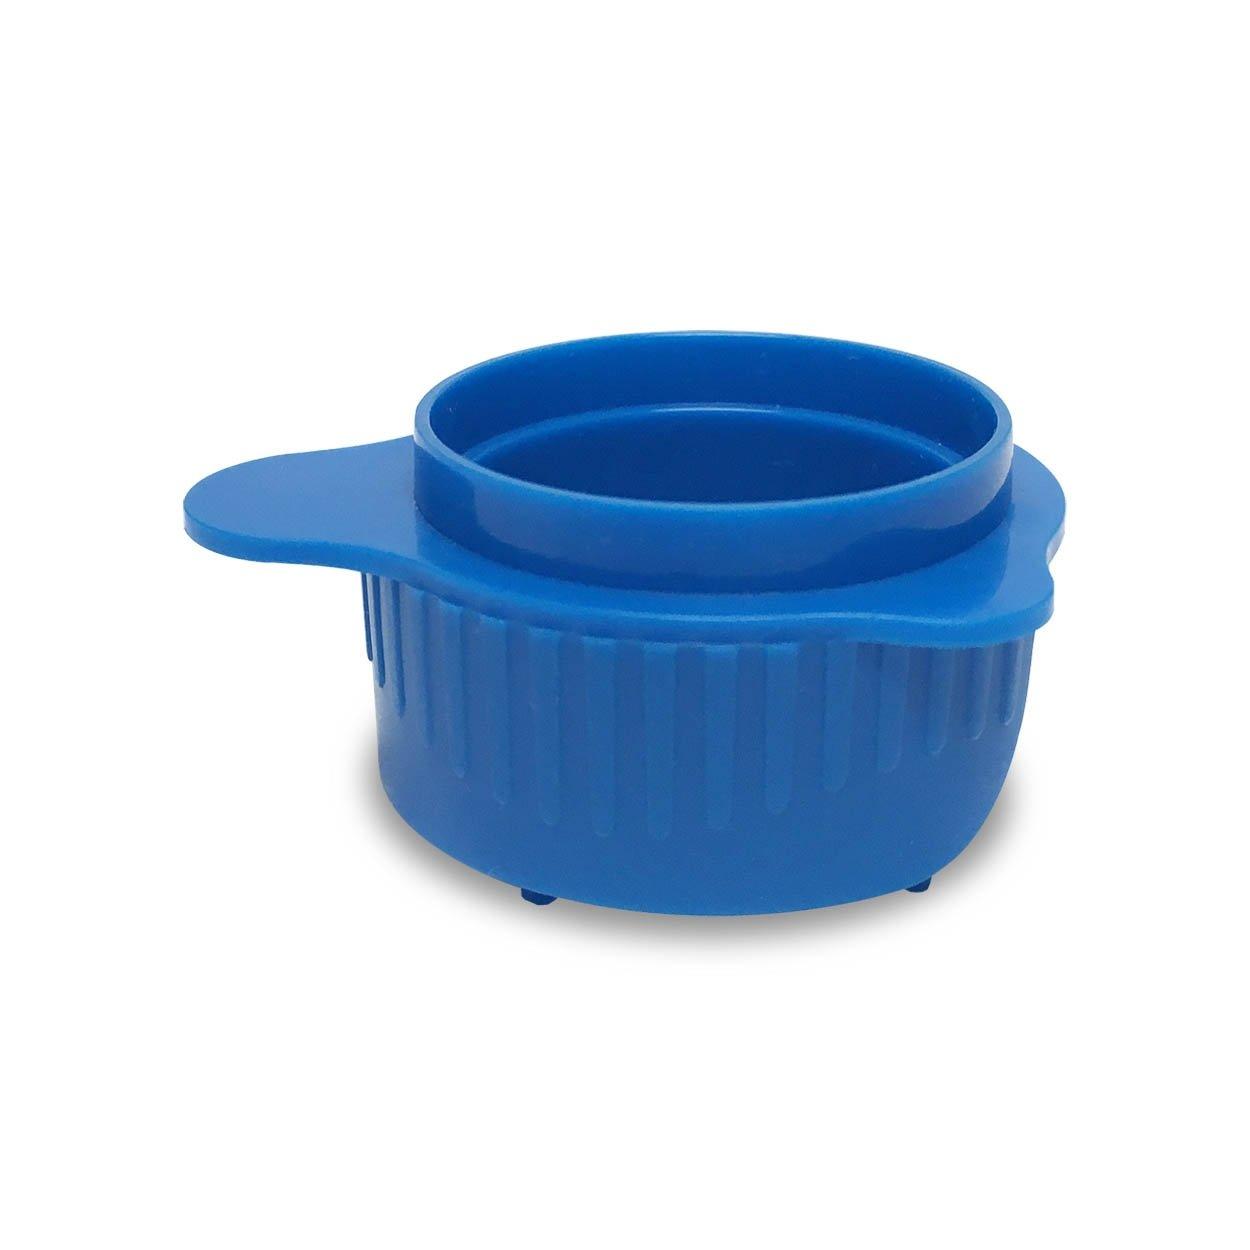 SureStrain 40um Premium Cell Strainer - Blue (600 Strainers & 12 Reducing Adapters/Case)